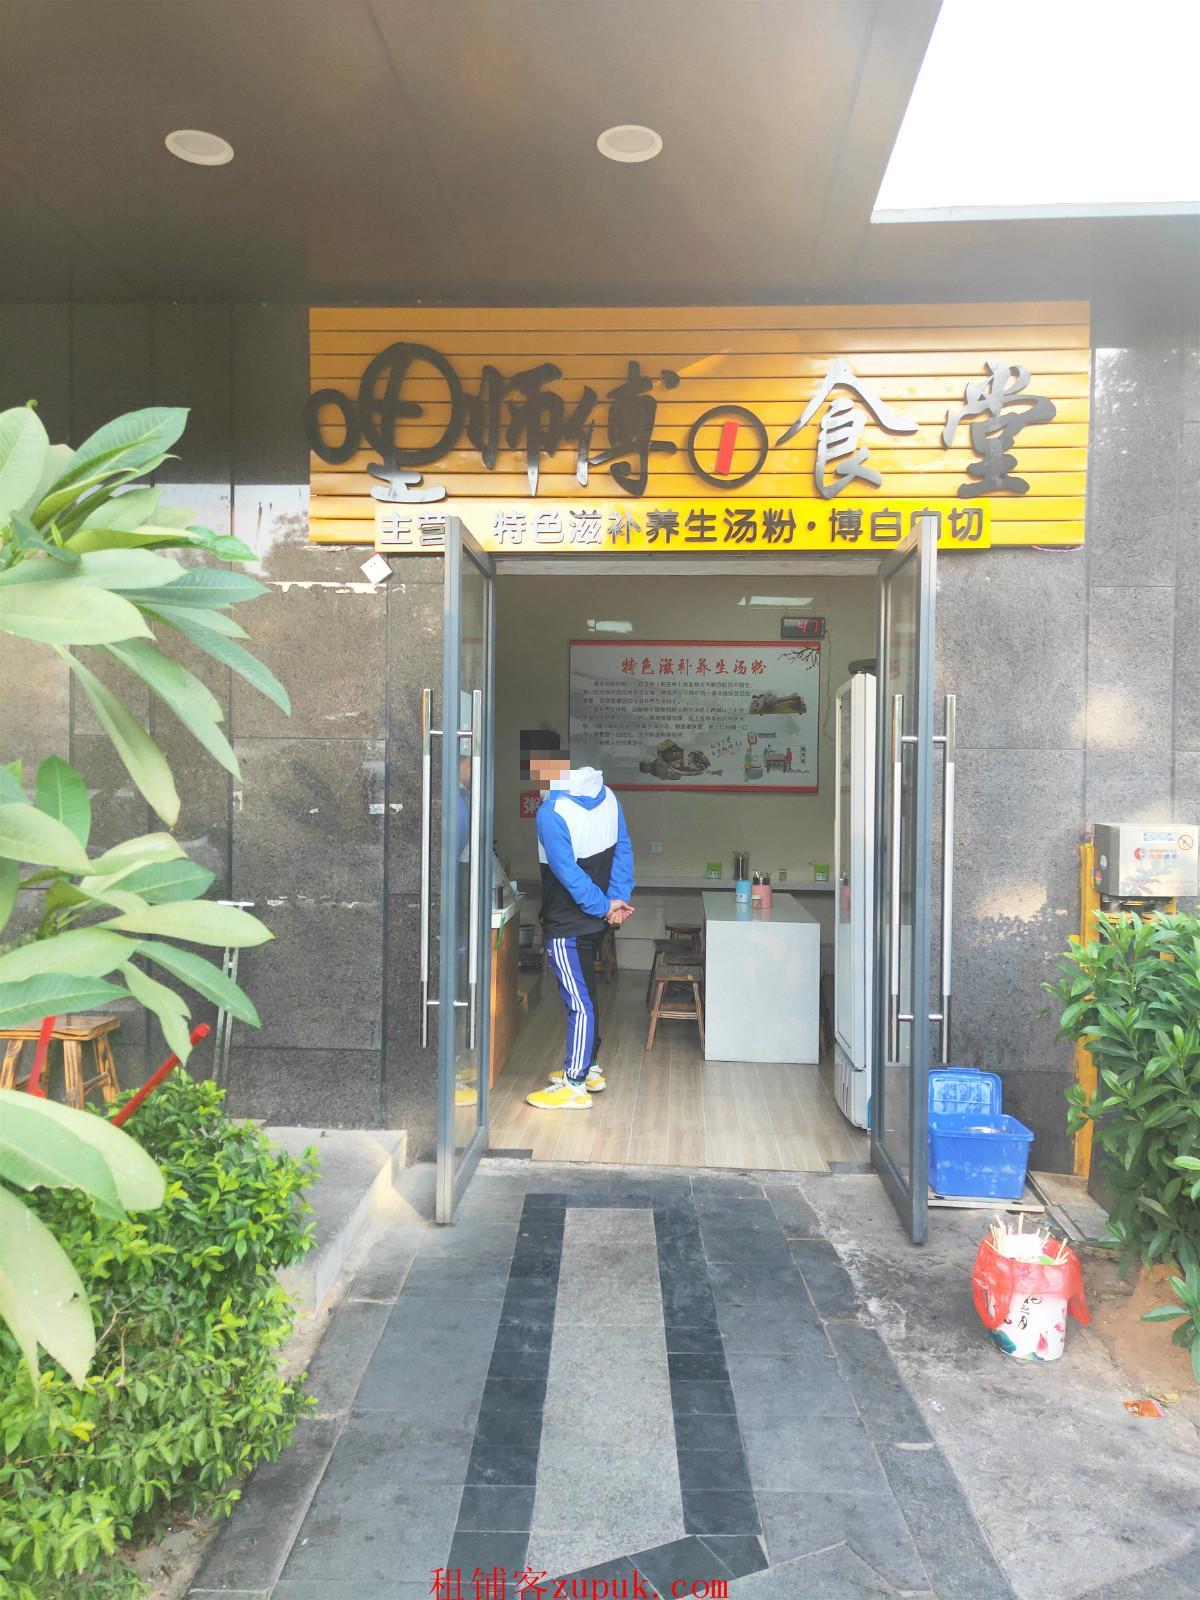 青秀区丰泽大厦门口40平餐饮店转让(有烟证)